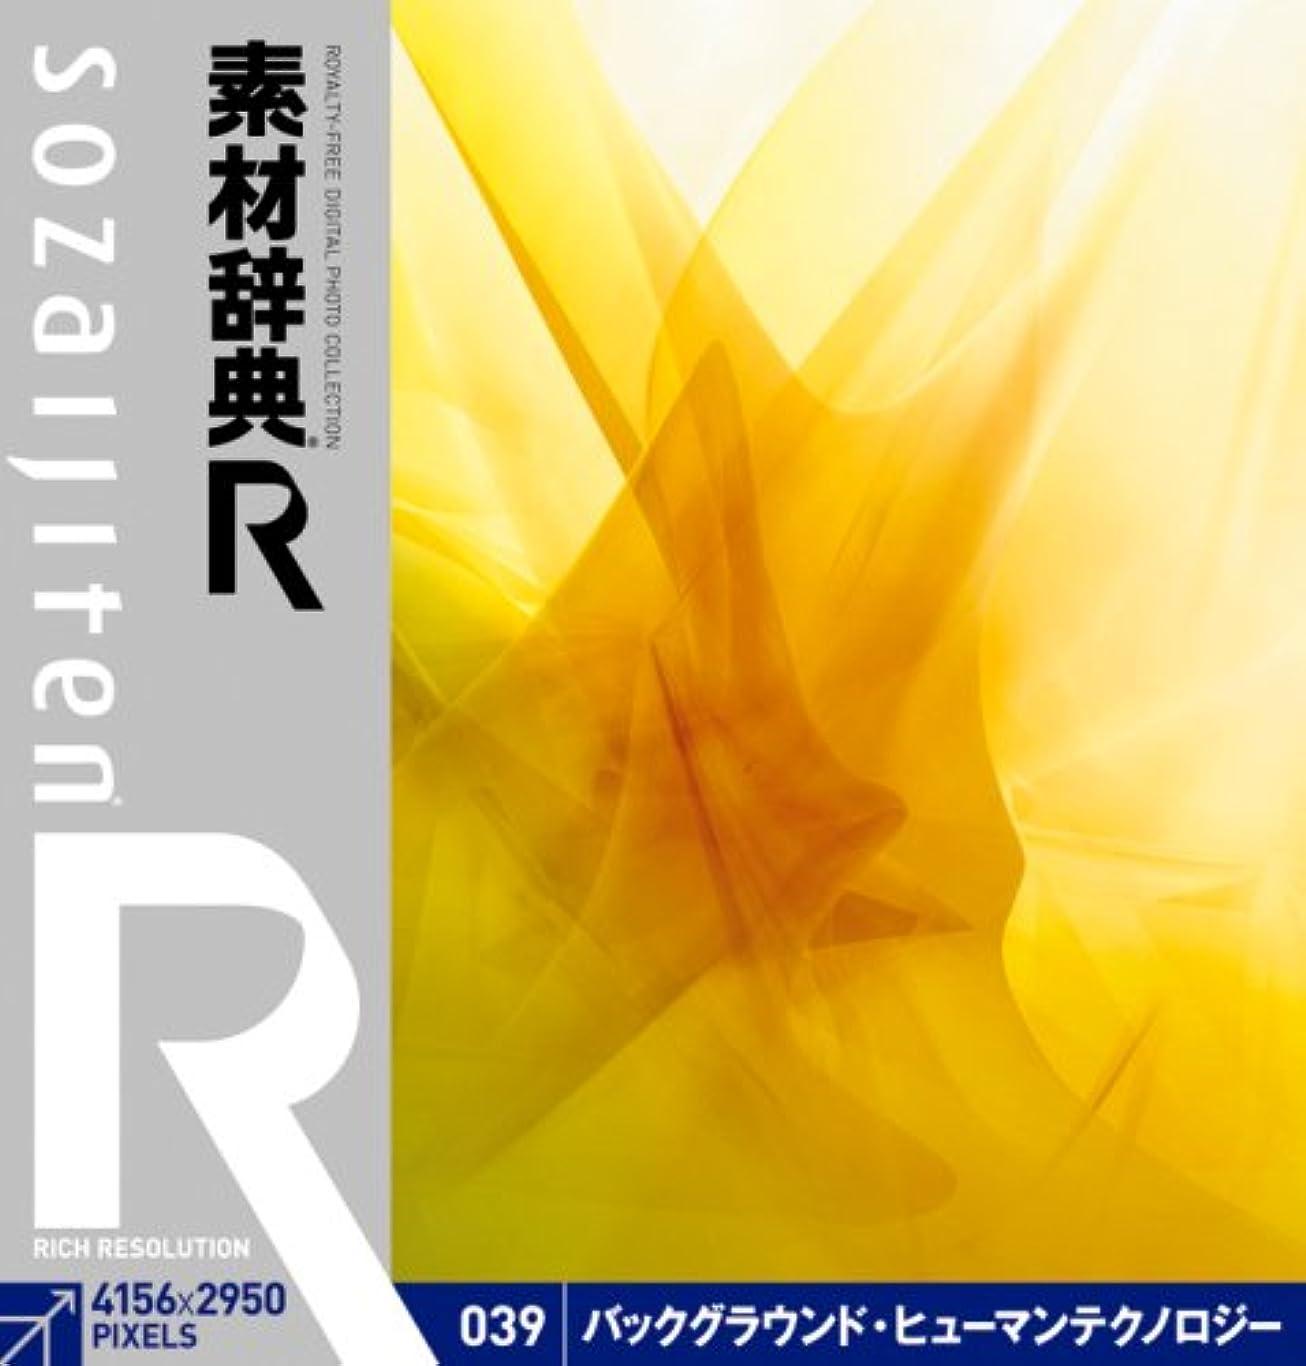 普通のバイナリ夫婦素材辞典[R(アール)] 039 バックグラウンド?ヒューマンテクノロジー